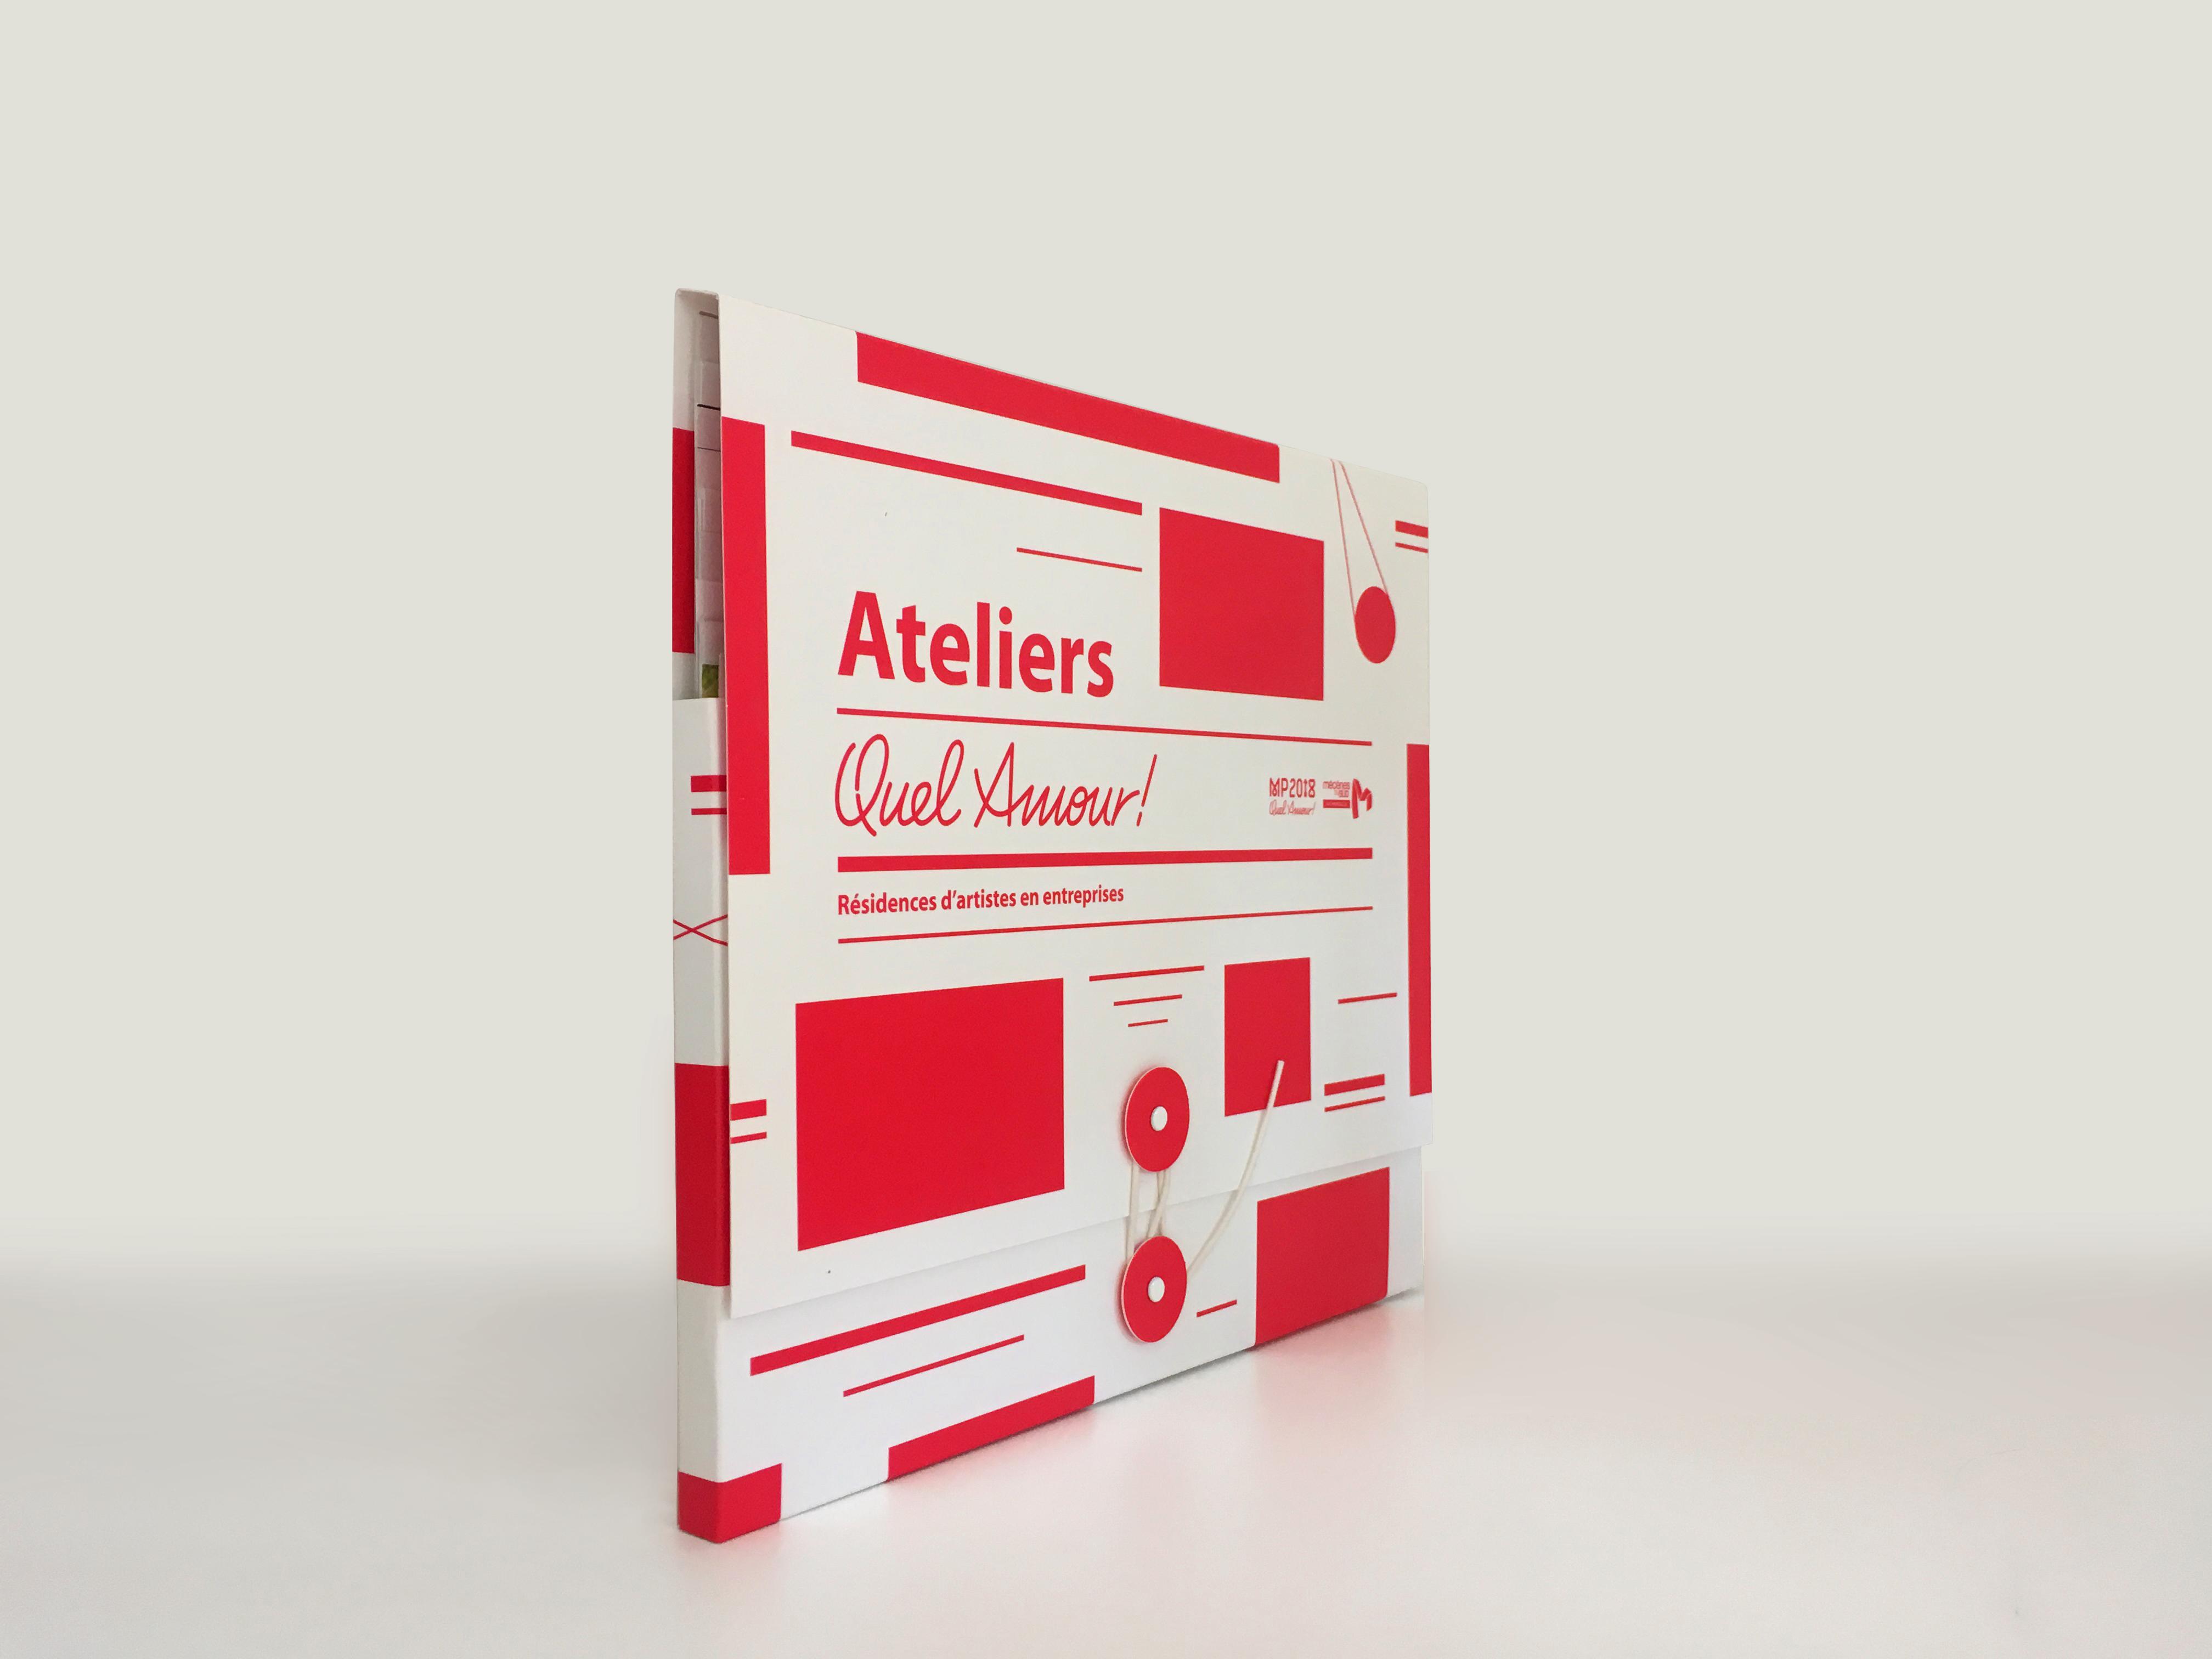 Carnet de voyage - Les Ateliers Quel Amour ! MP2018